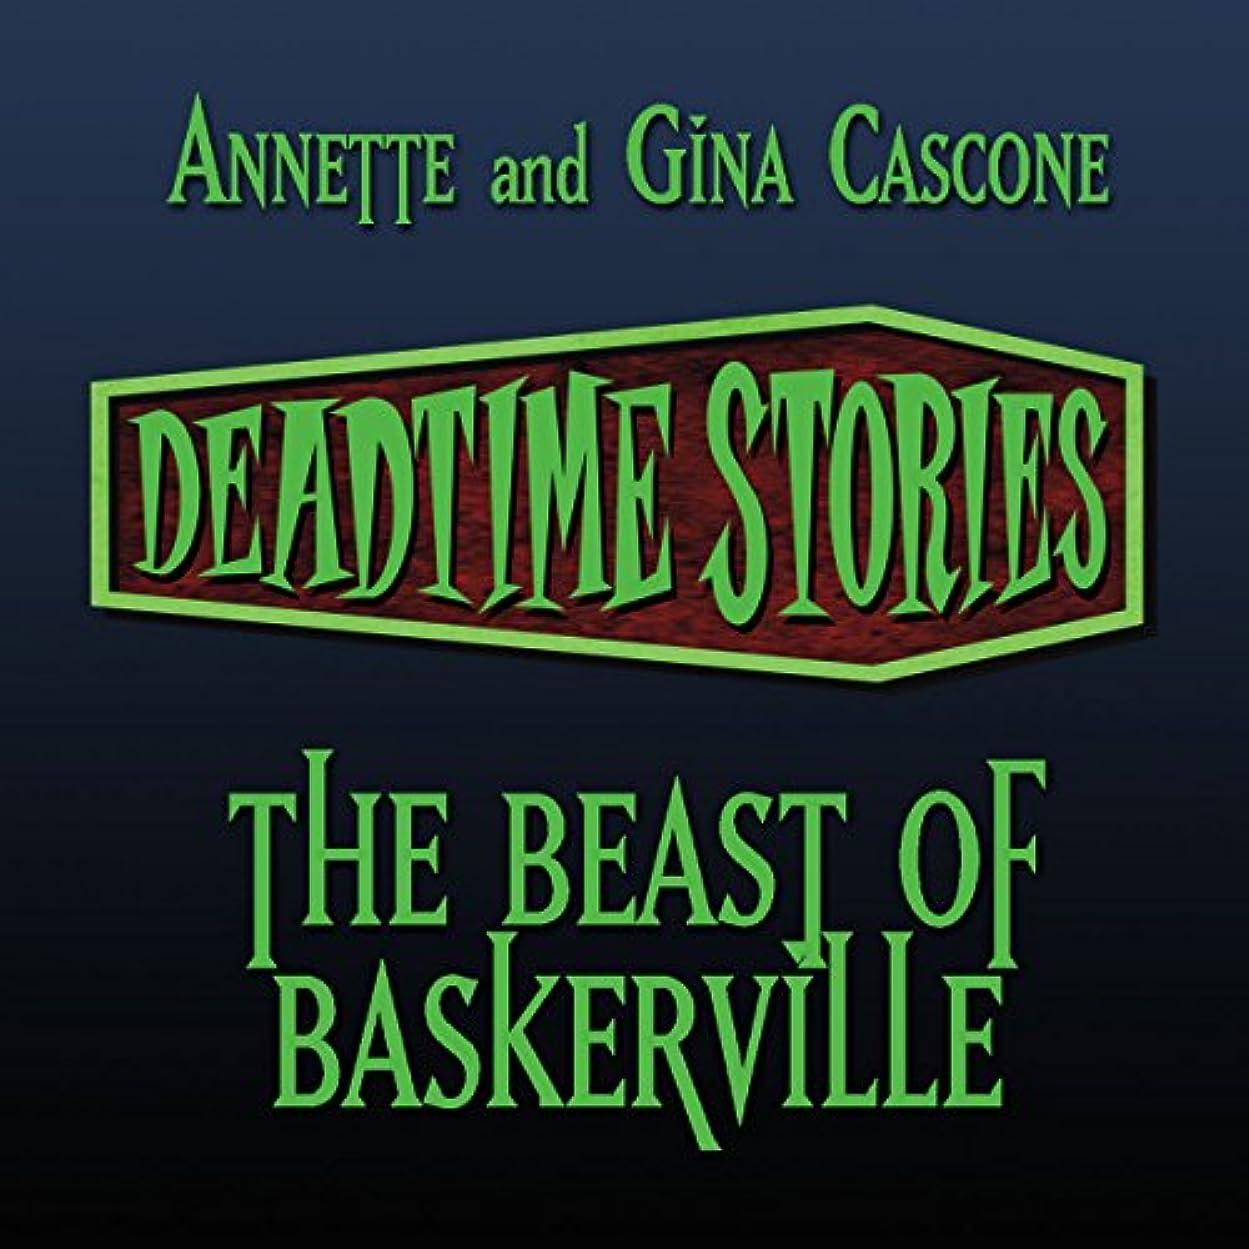 取る行方不明思い出させるThe Beast of Baskerville: Deadtime Stories